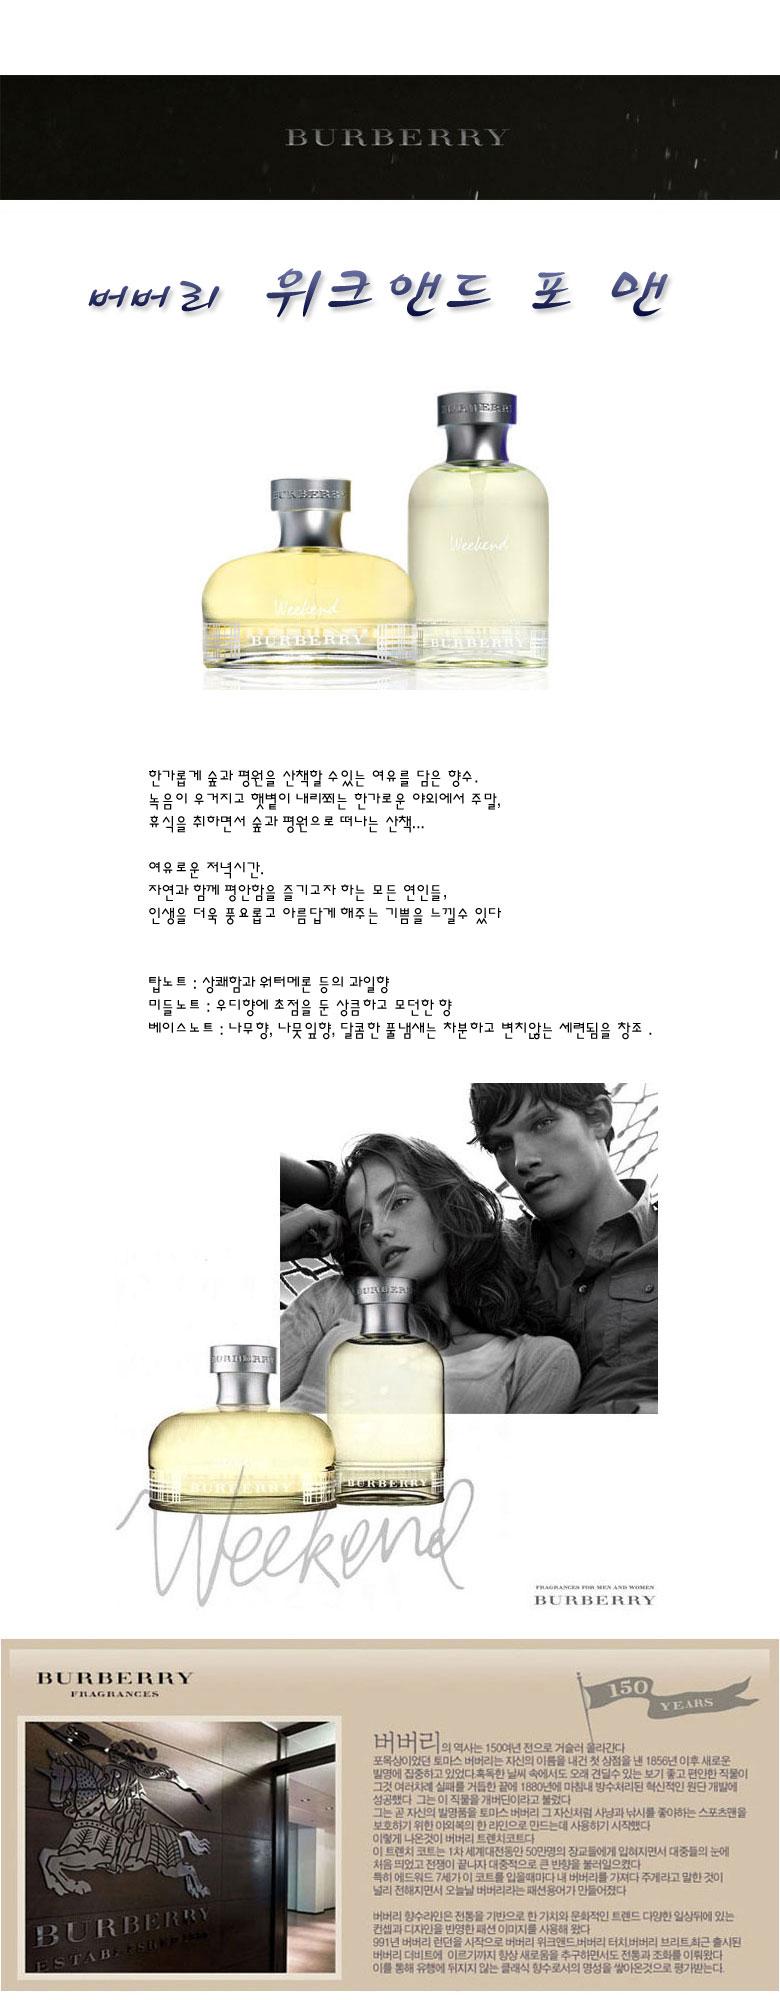 [버버리] 위크앤드 포맨 30ml 정품 특가행사+향수공병증정